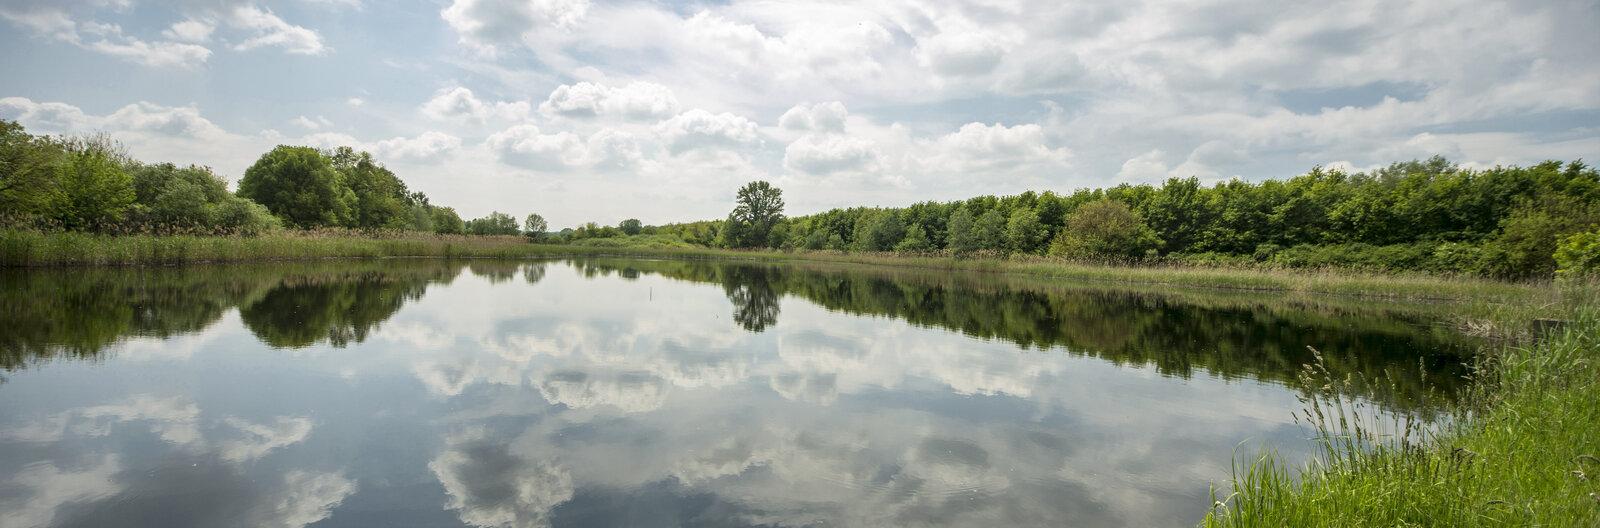 7 különleges tó a Balaton környékén, ha más vízpartot keresnénk